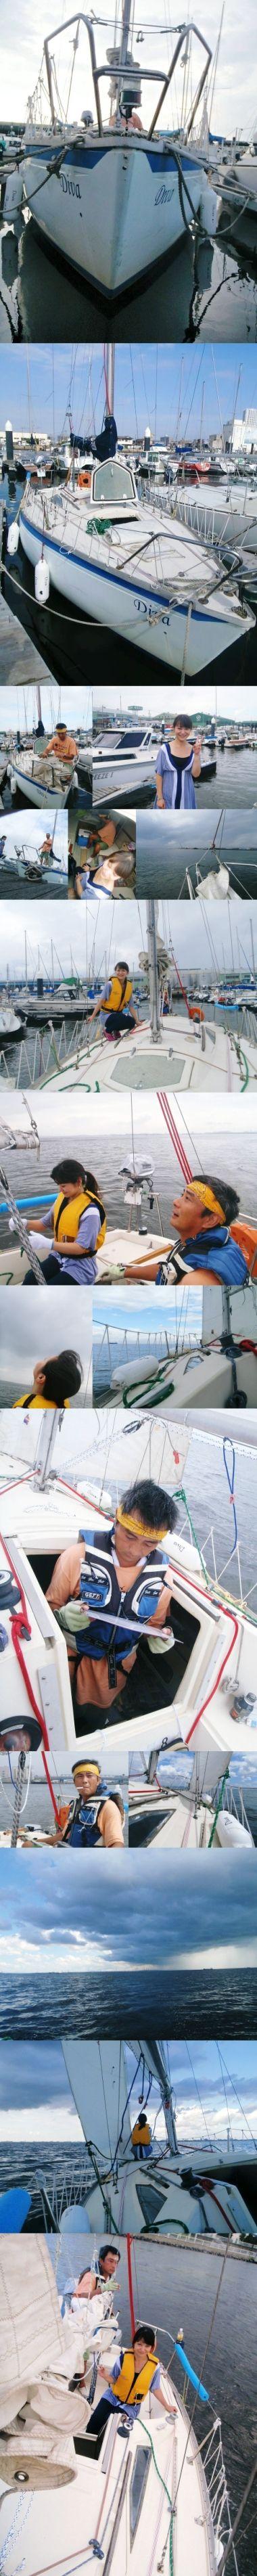 Diva ヨット 東京湾